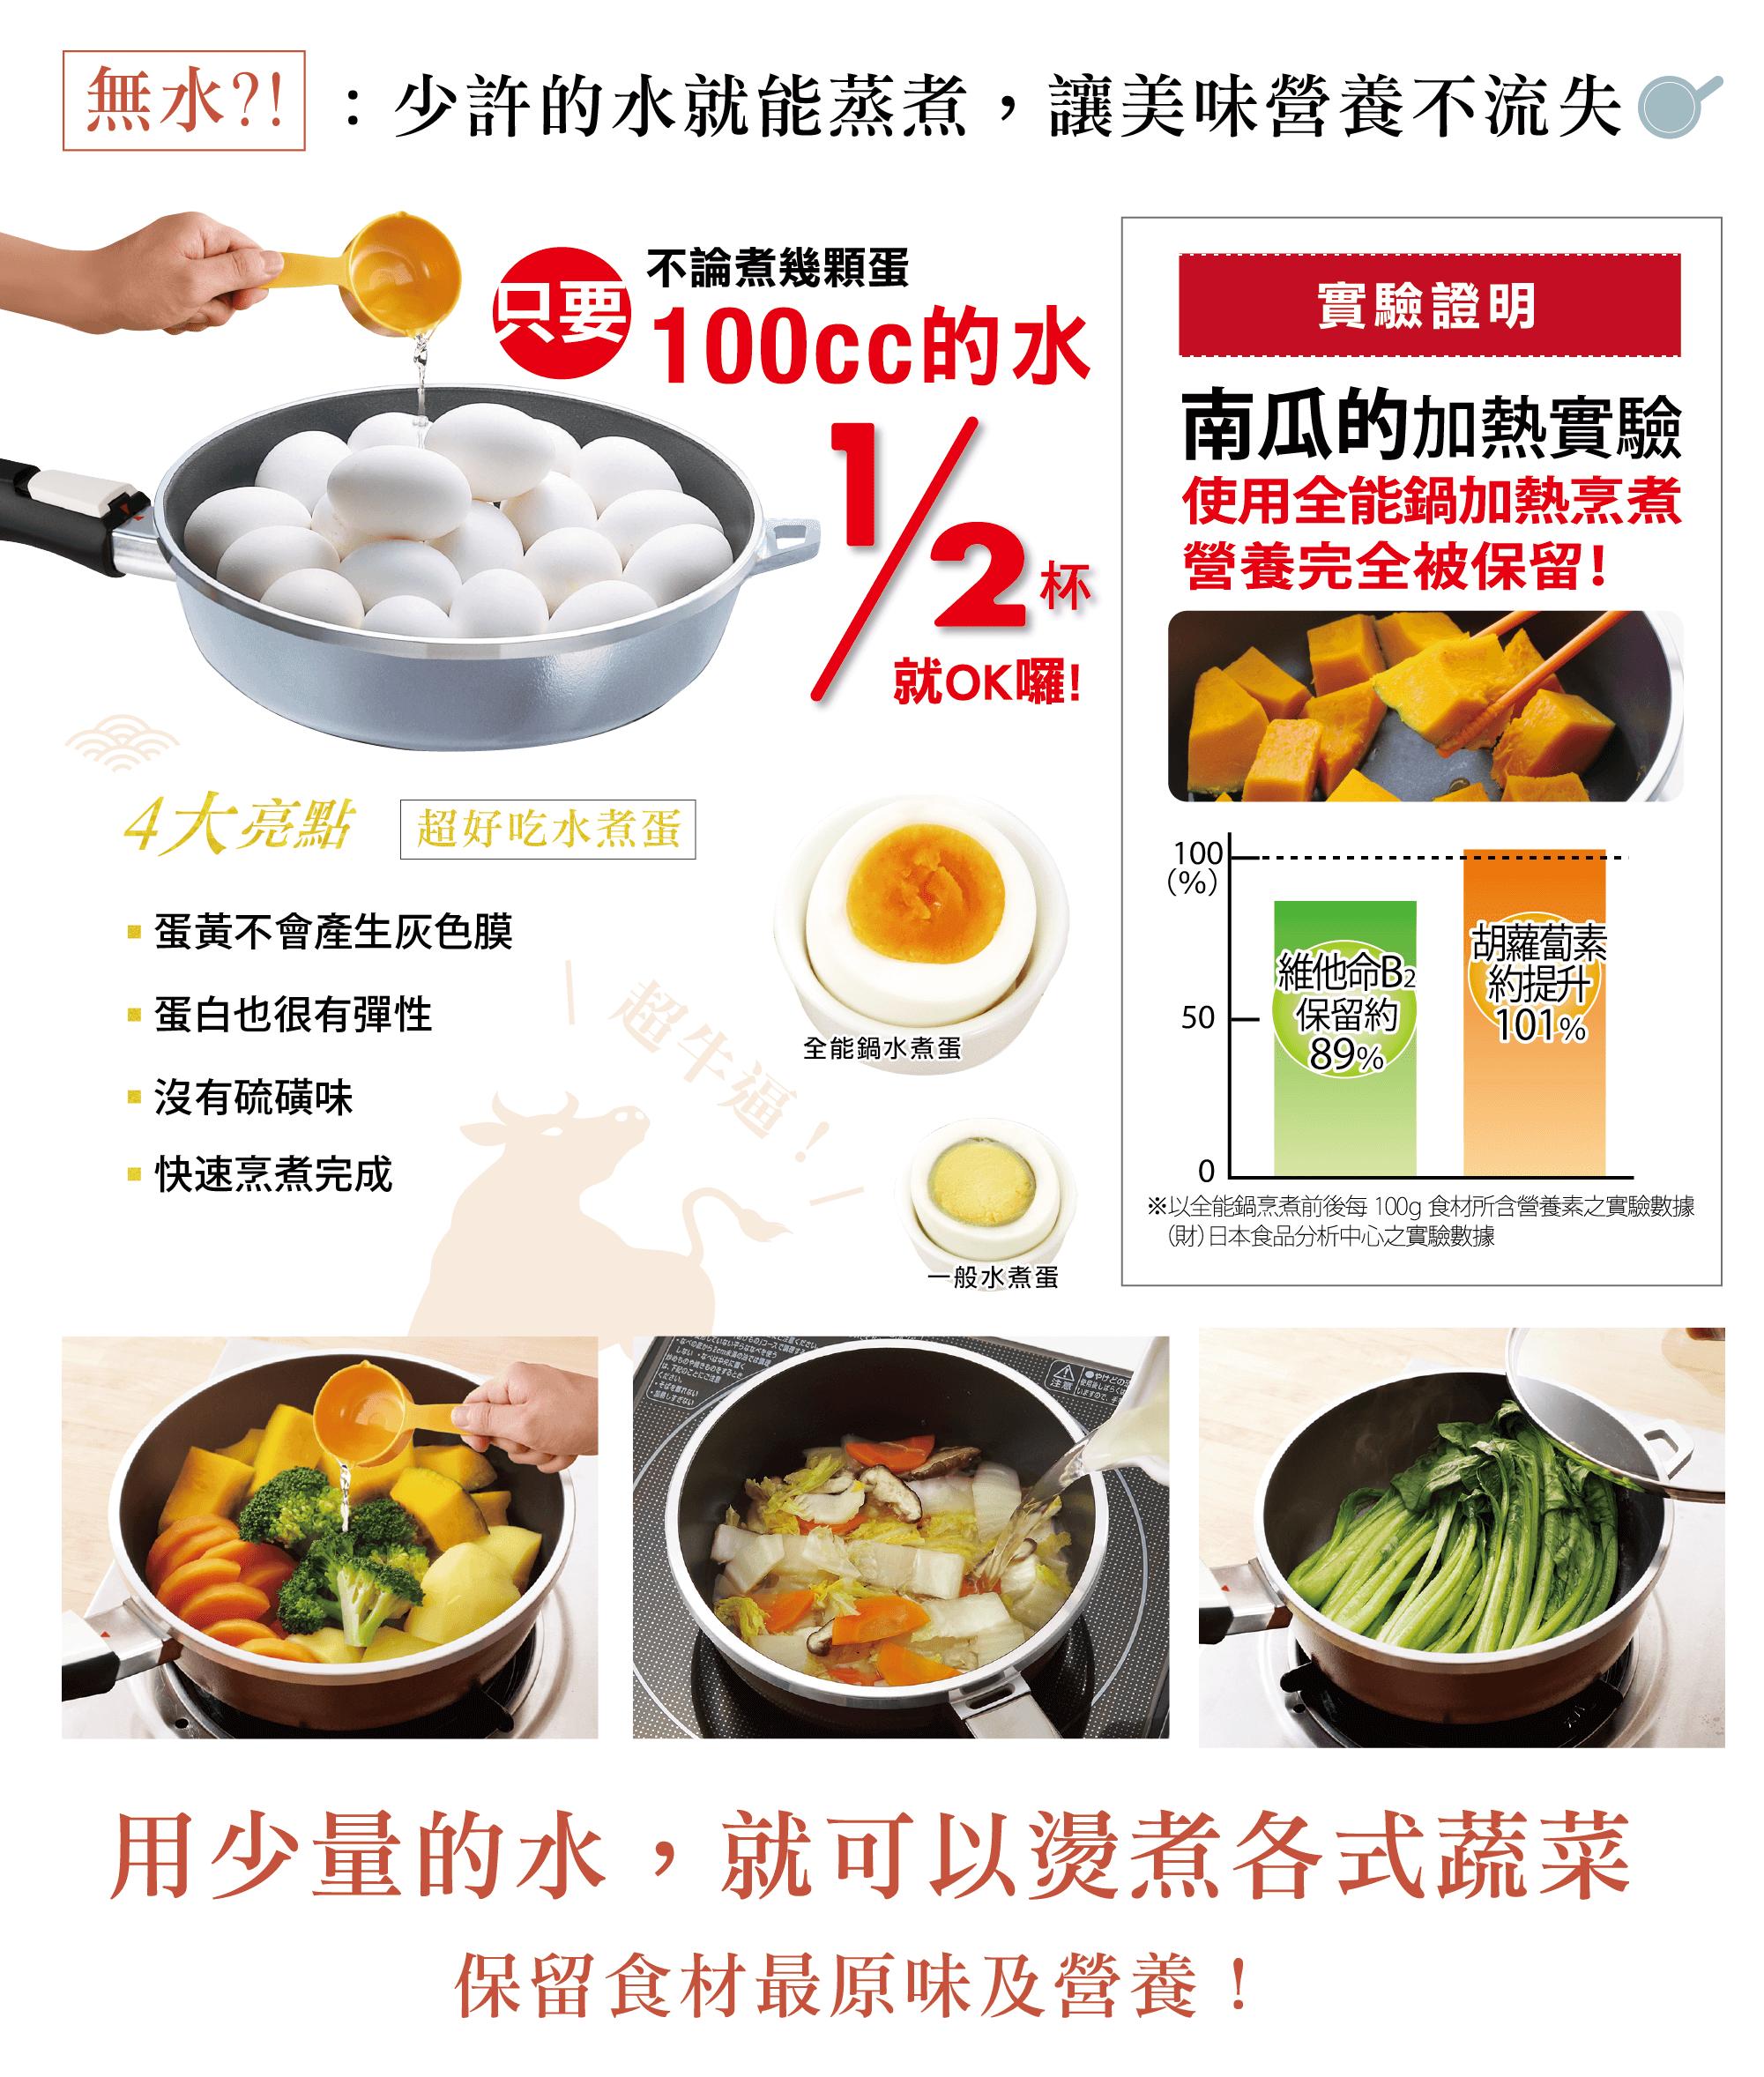 日本製平底鍋,水煮鍋具,平底不沾鍋,日本製鍋具,換鍋優惠,平底鍋優惠